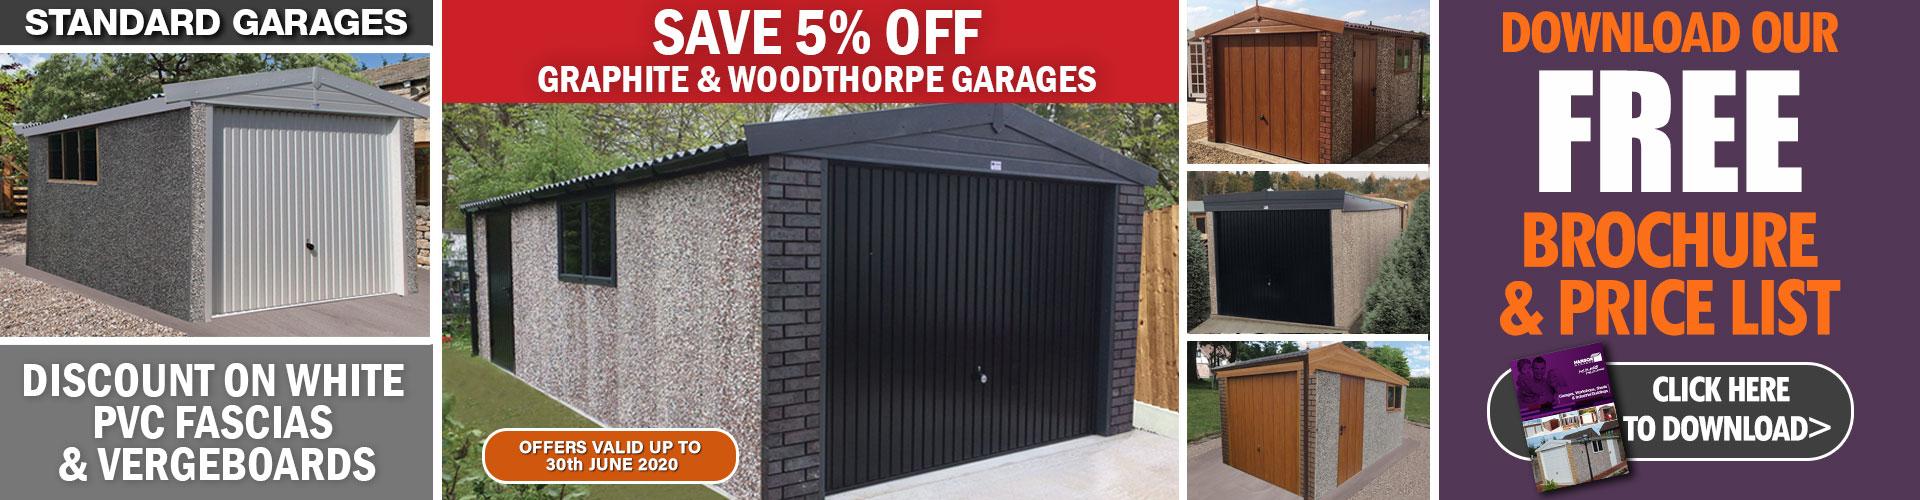 garages offer